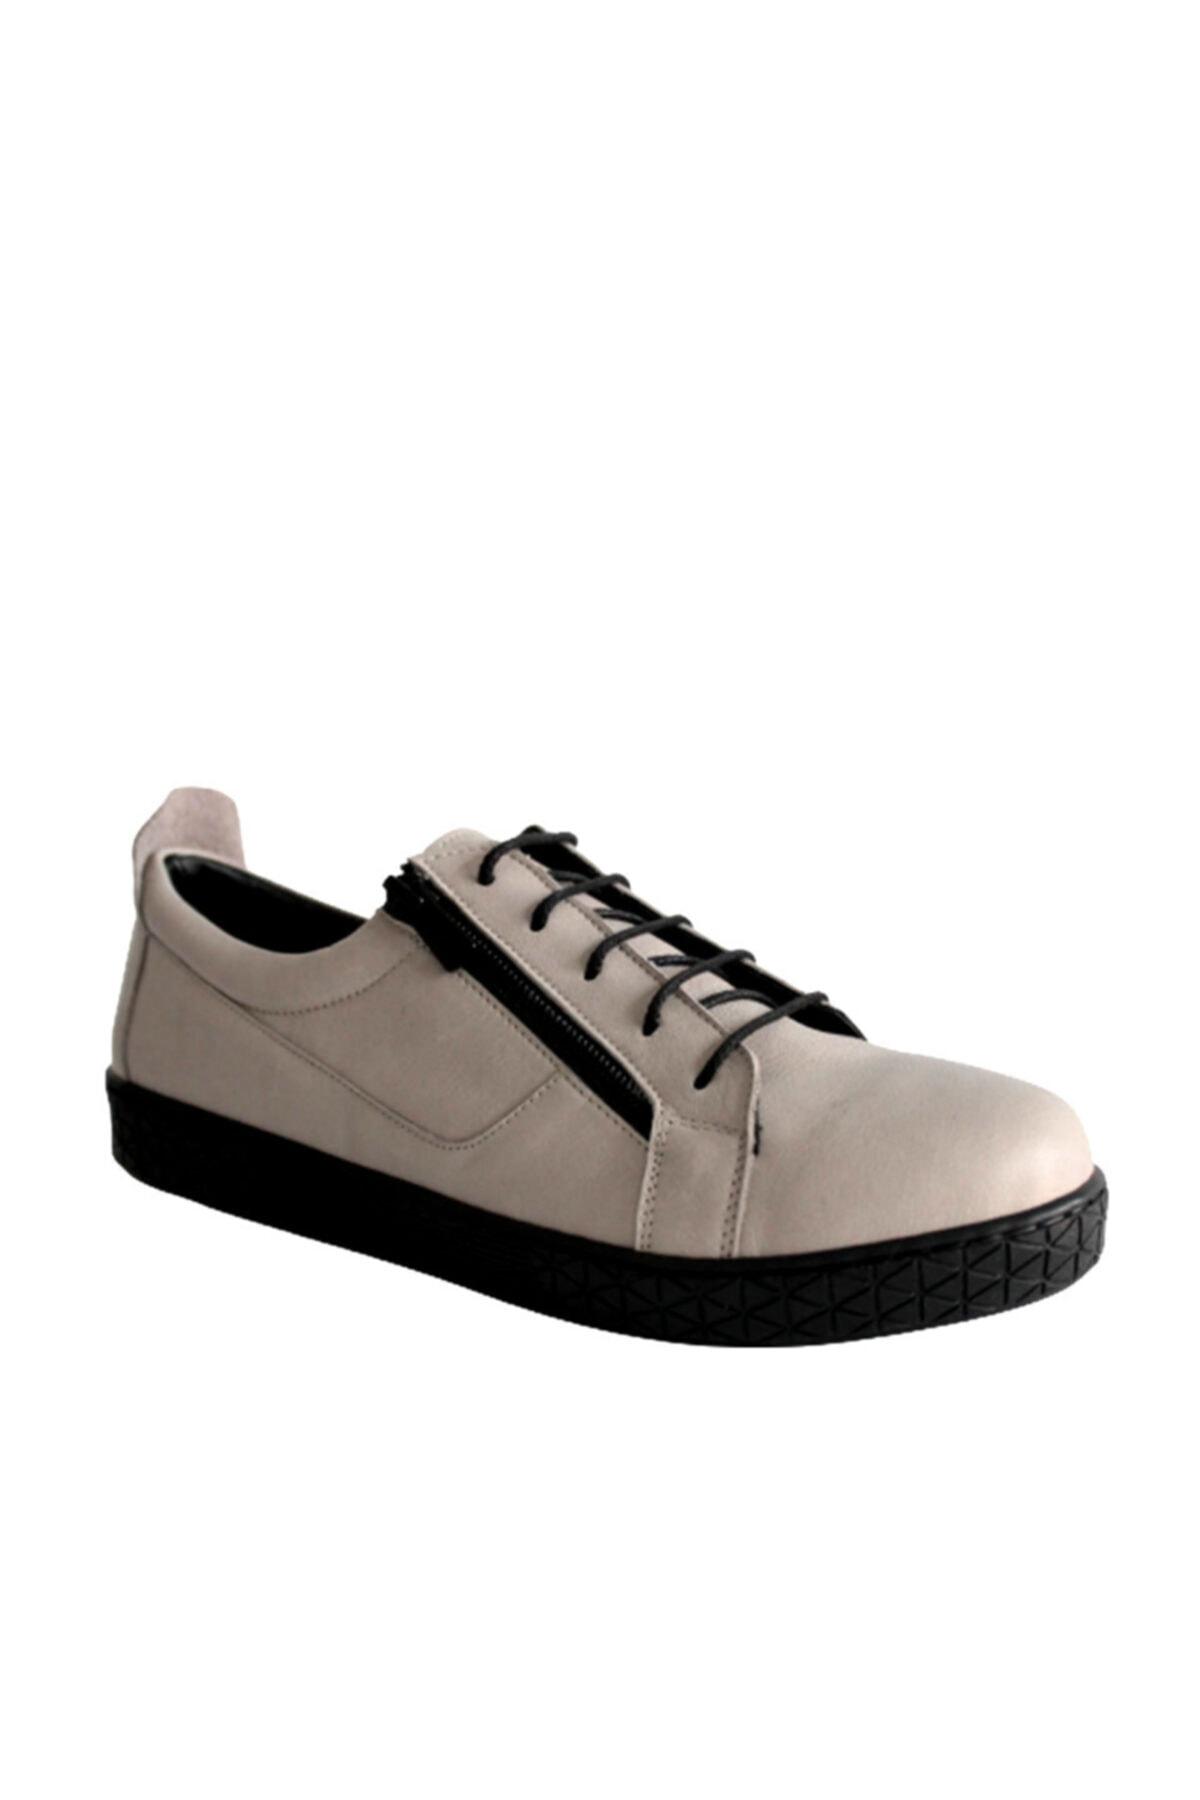 Beta Shoes Kadın Hakiki Deri Günlük Ayakkabı Gri 1